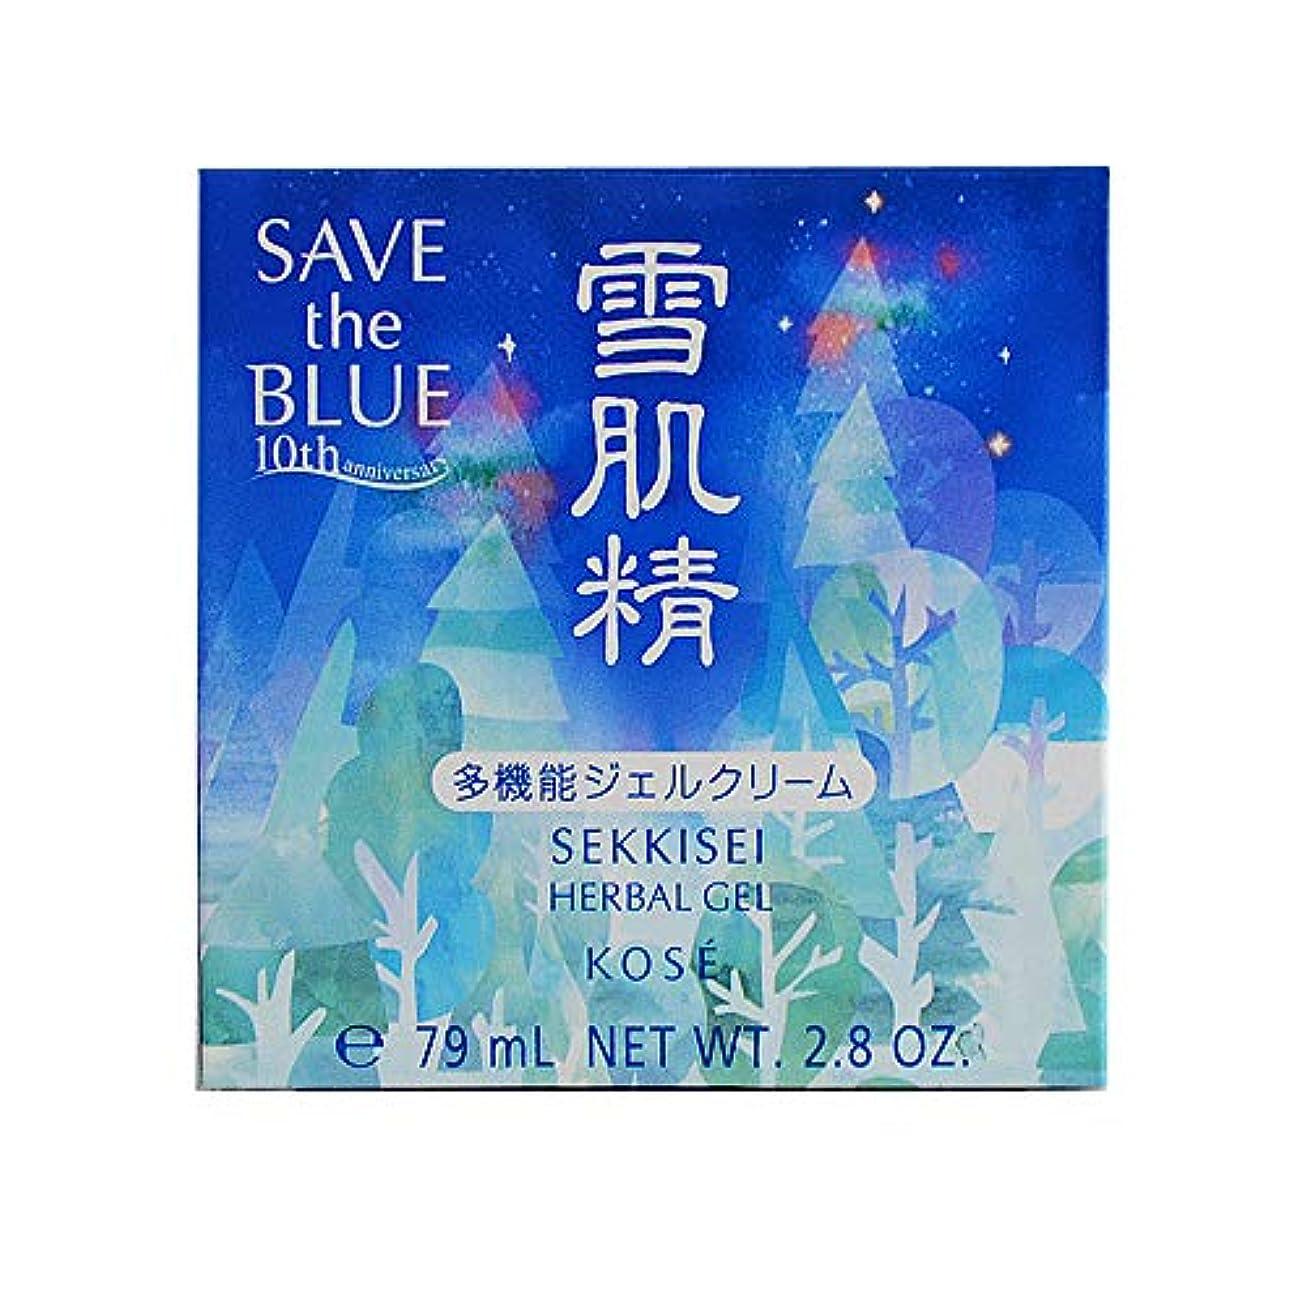 肘報酬の民主主義コーセー 雪肌精 ハーバルジェル 80g (SAVE the BLUE) [ フェイスクリーム ] [並行輸入品]